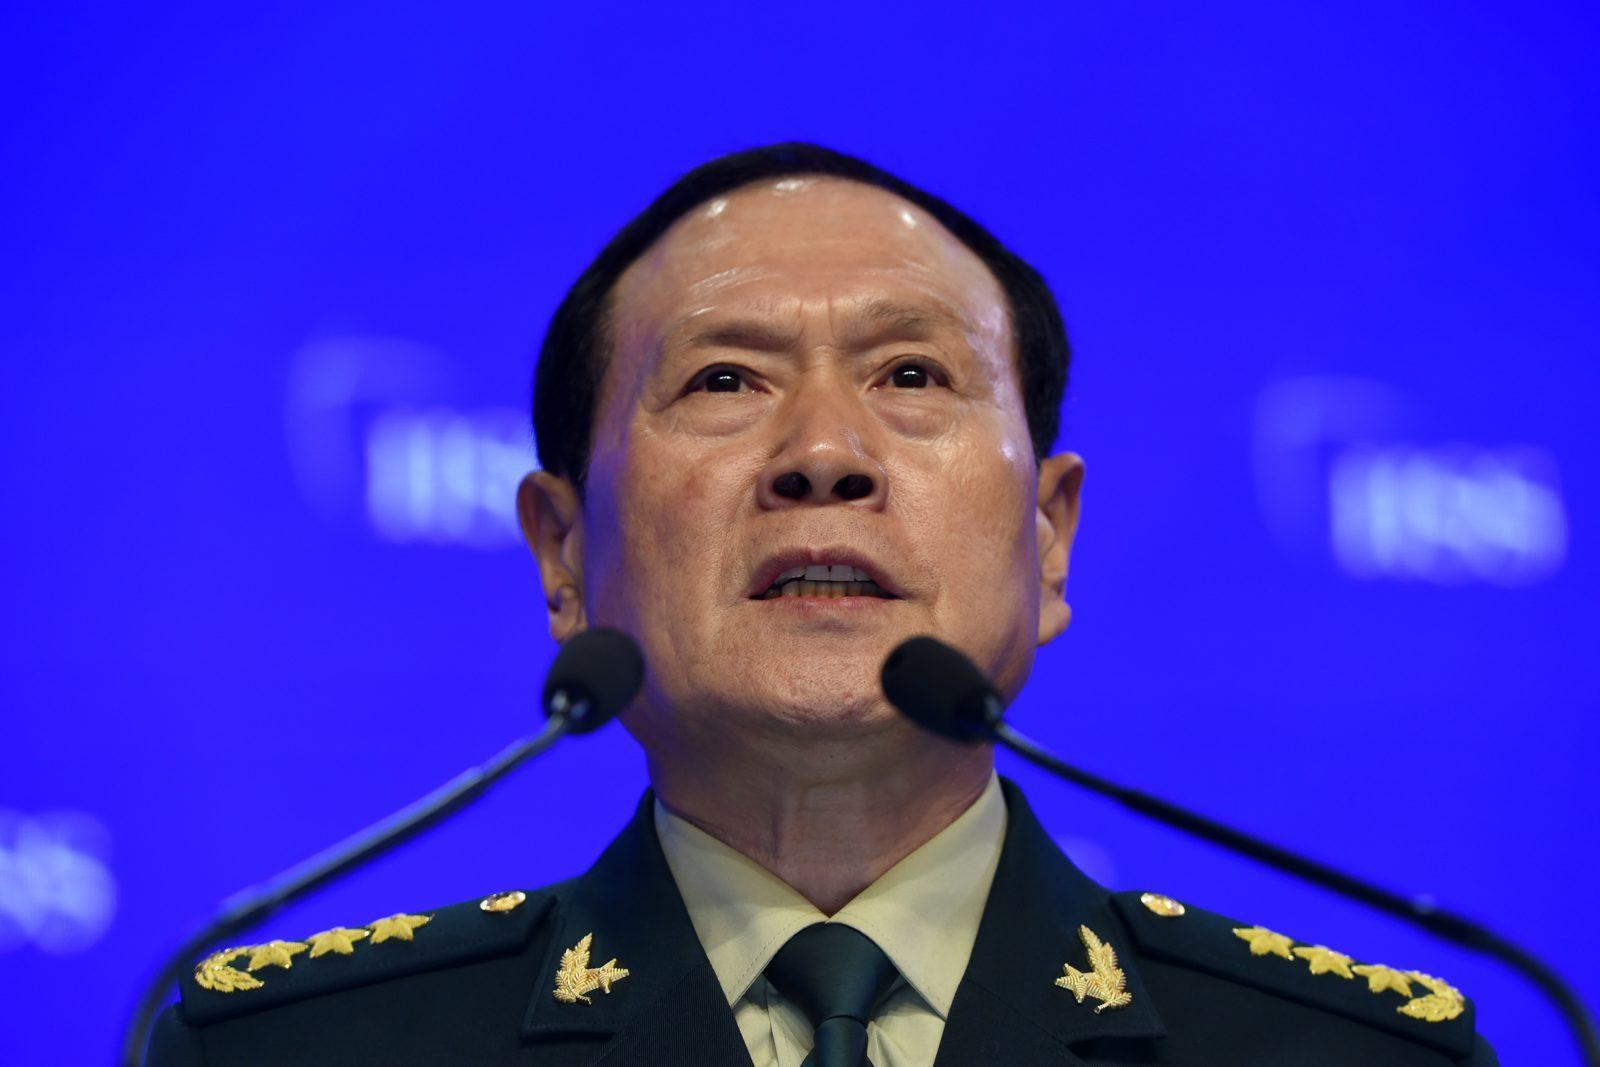 Bộ trưởng Quốc phòng TQ nêu đích danh quốc gia đối đầu chiến lược - 1